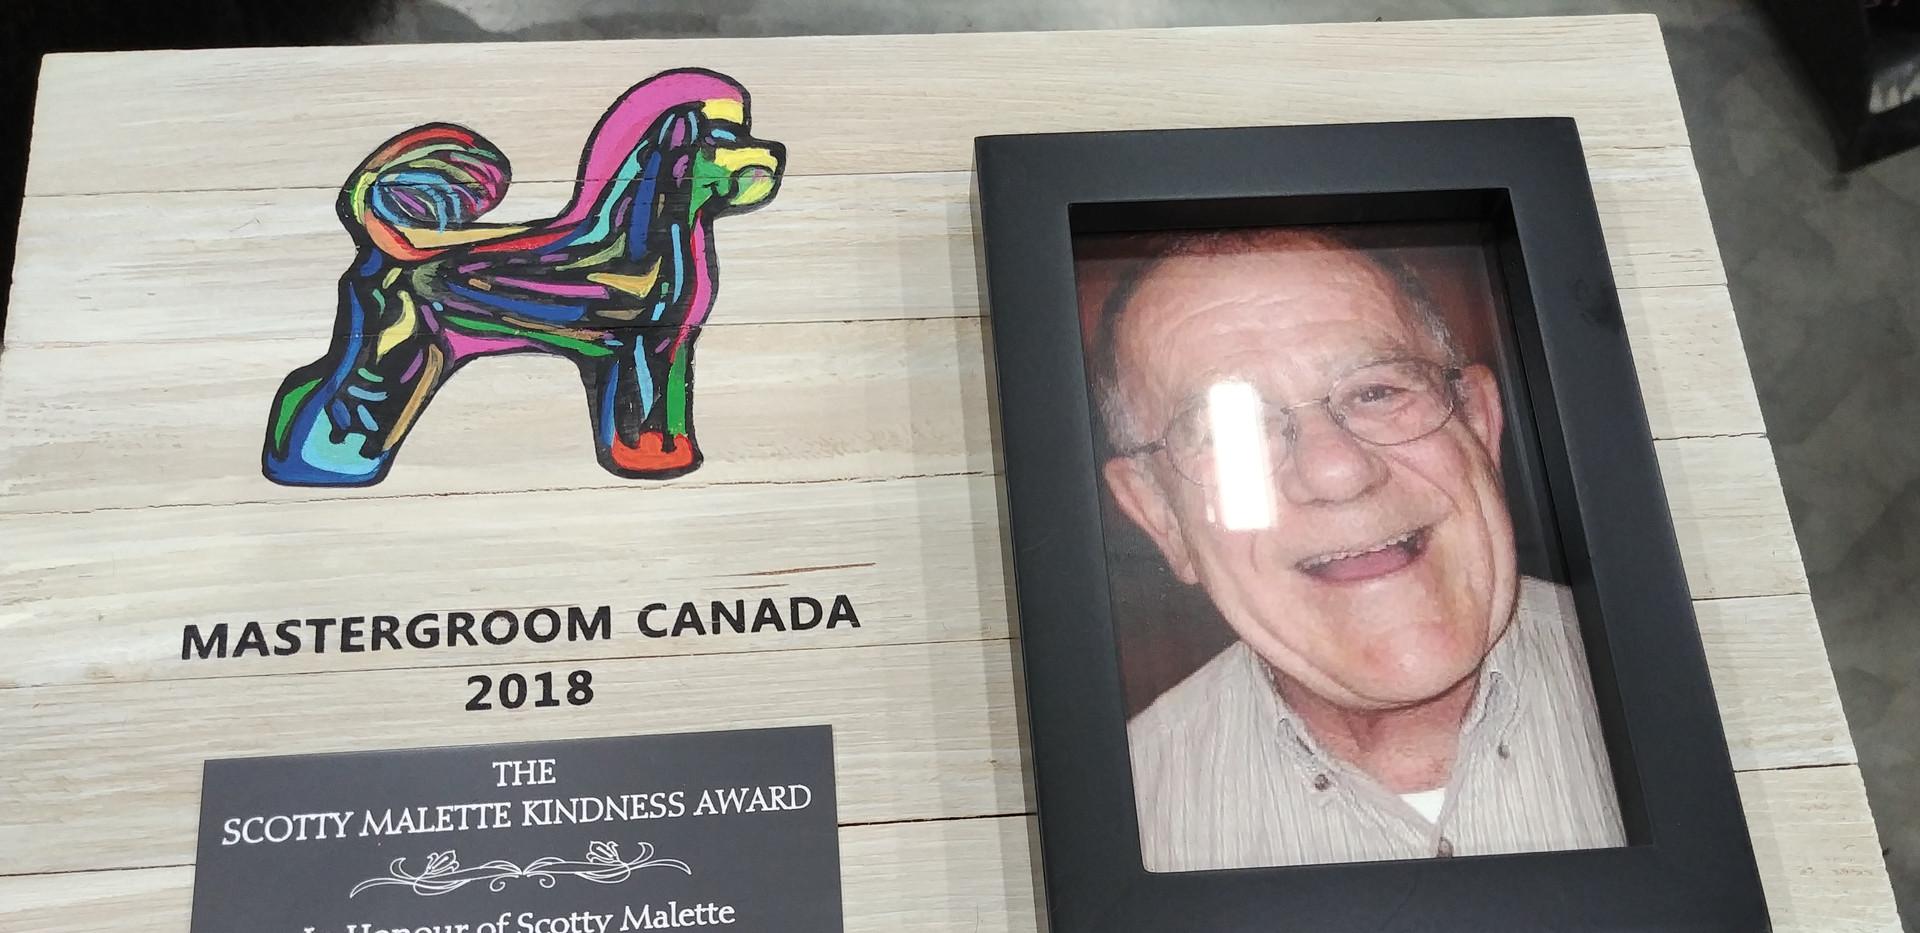 2018 Mastergroom Canada